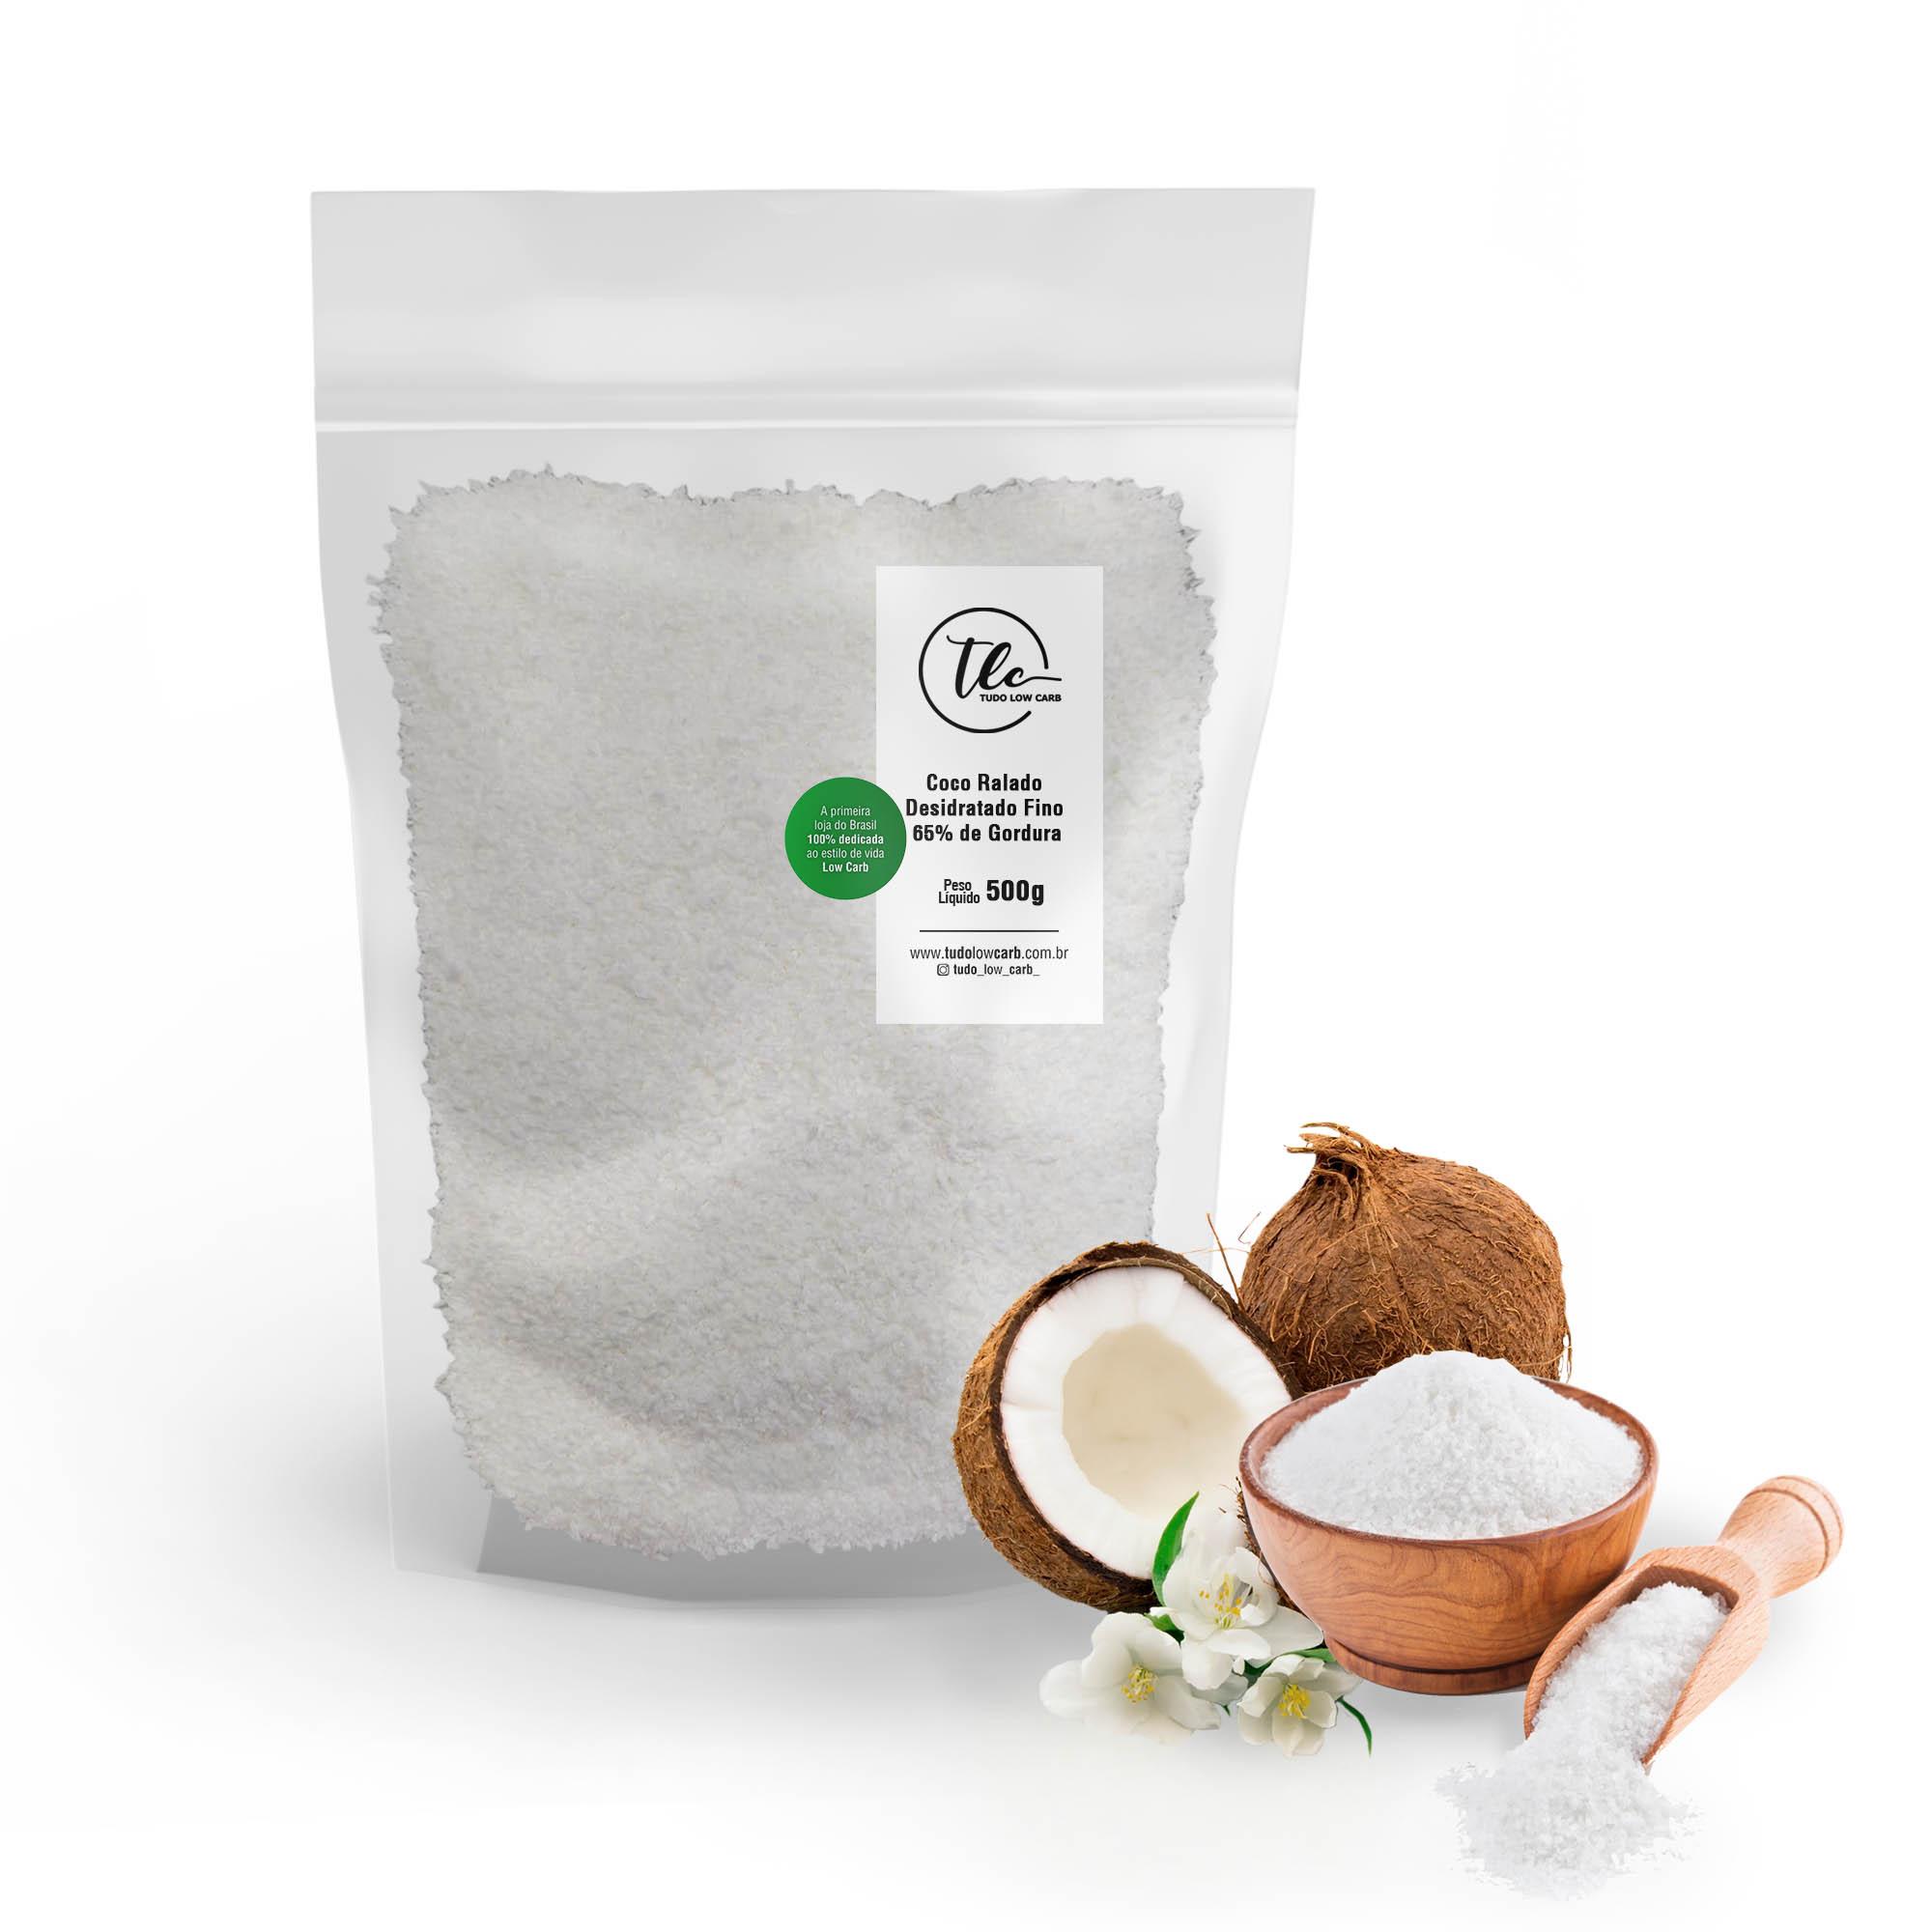 Coco Ralado Desidratado Fino 65% Gordura (sem açucar) 500g  - TLC Tudo Low Carb